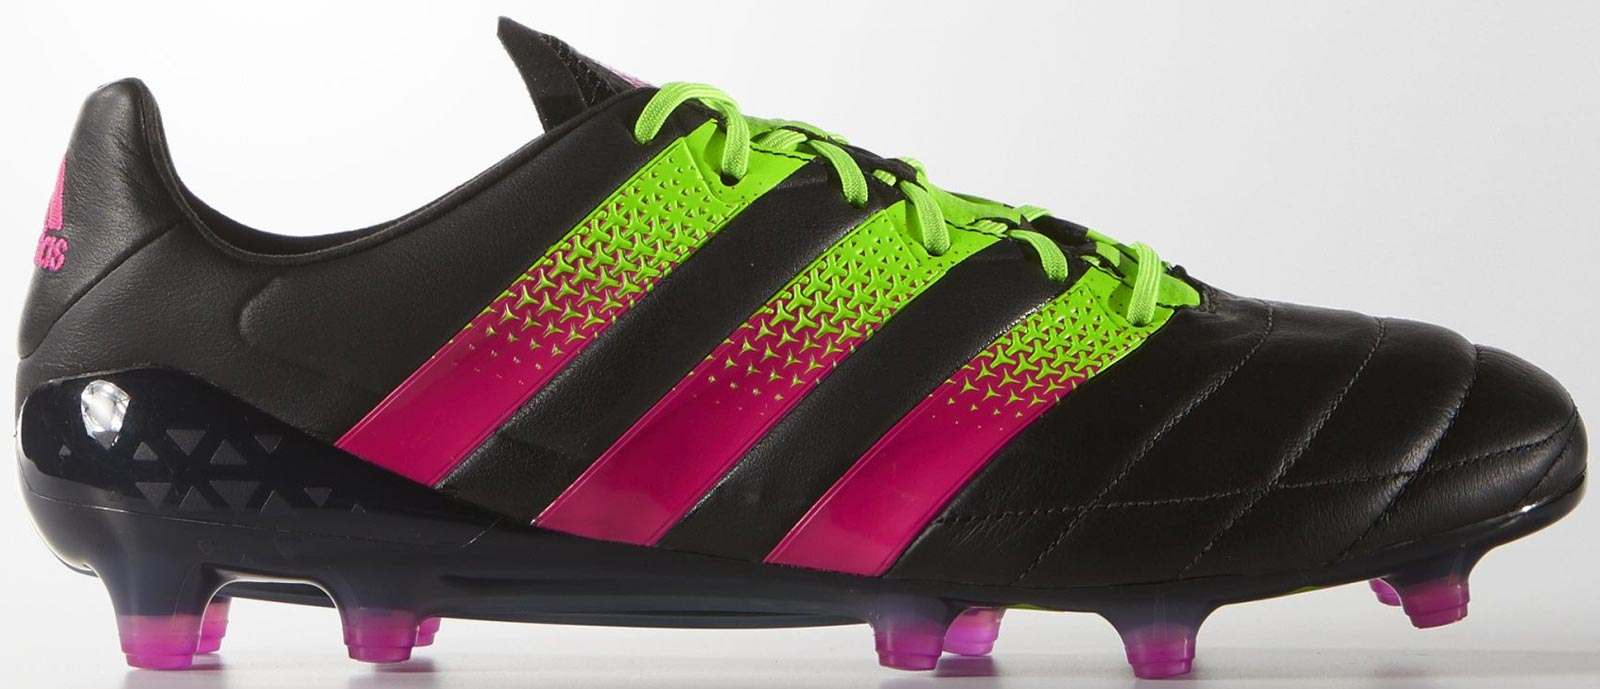 Adidas Ace 16.1 Leder